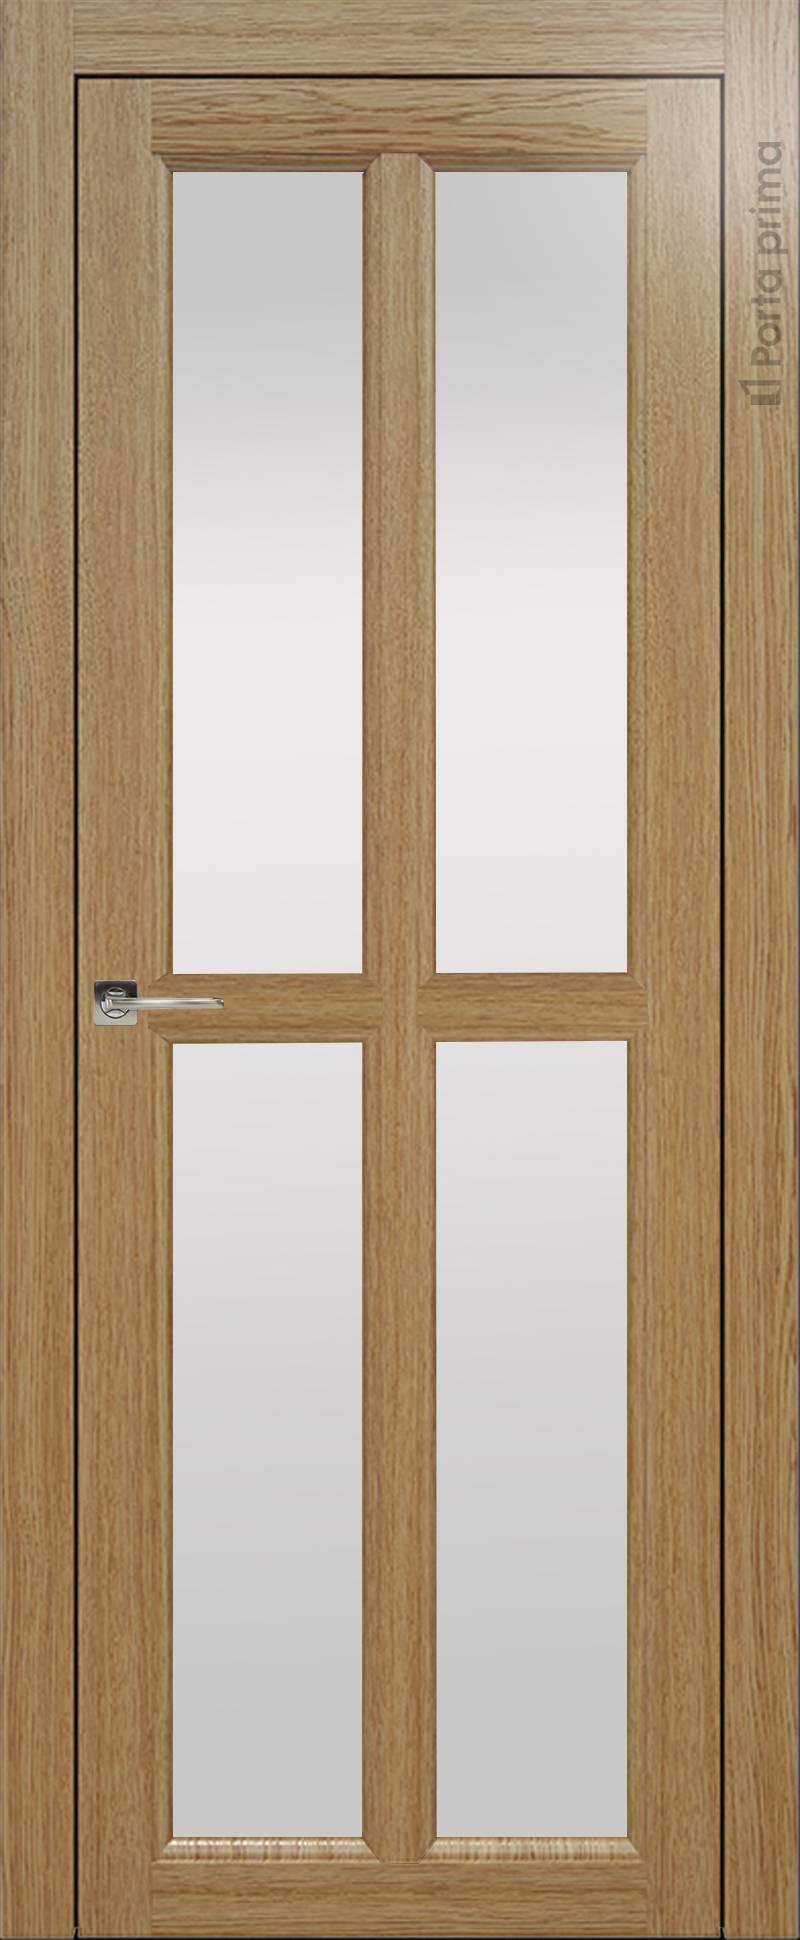 Sorrento-R И4 цвет - Дуб карамель Со стеклом (ДО)